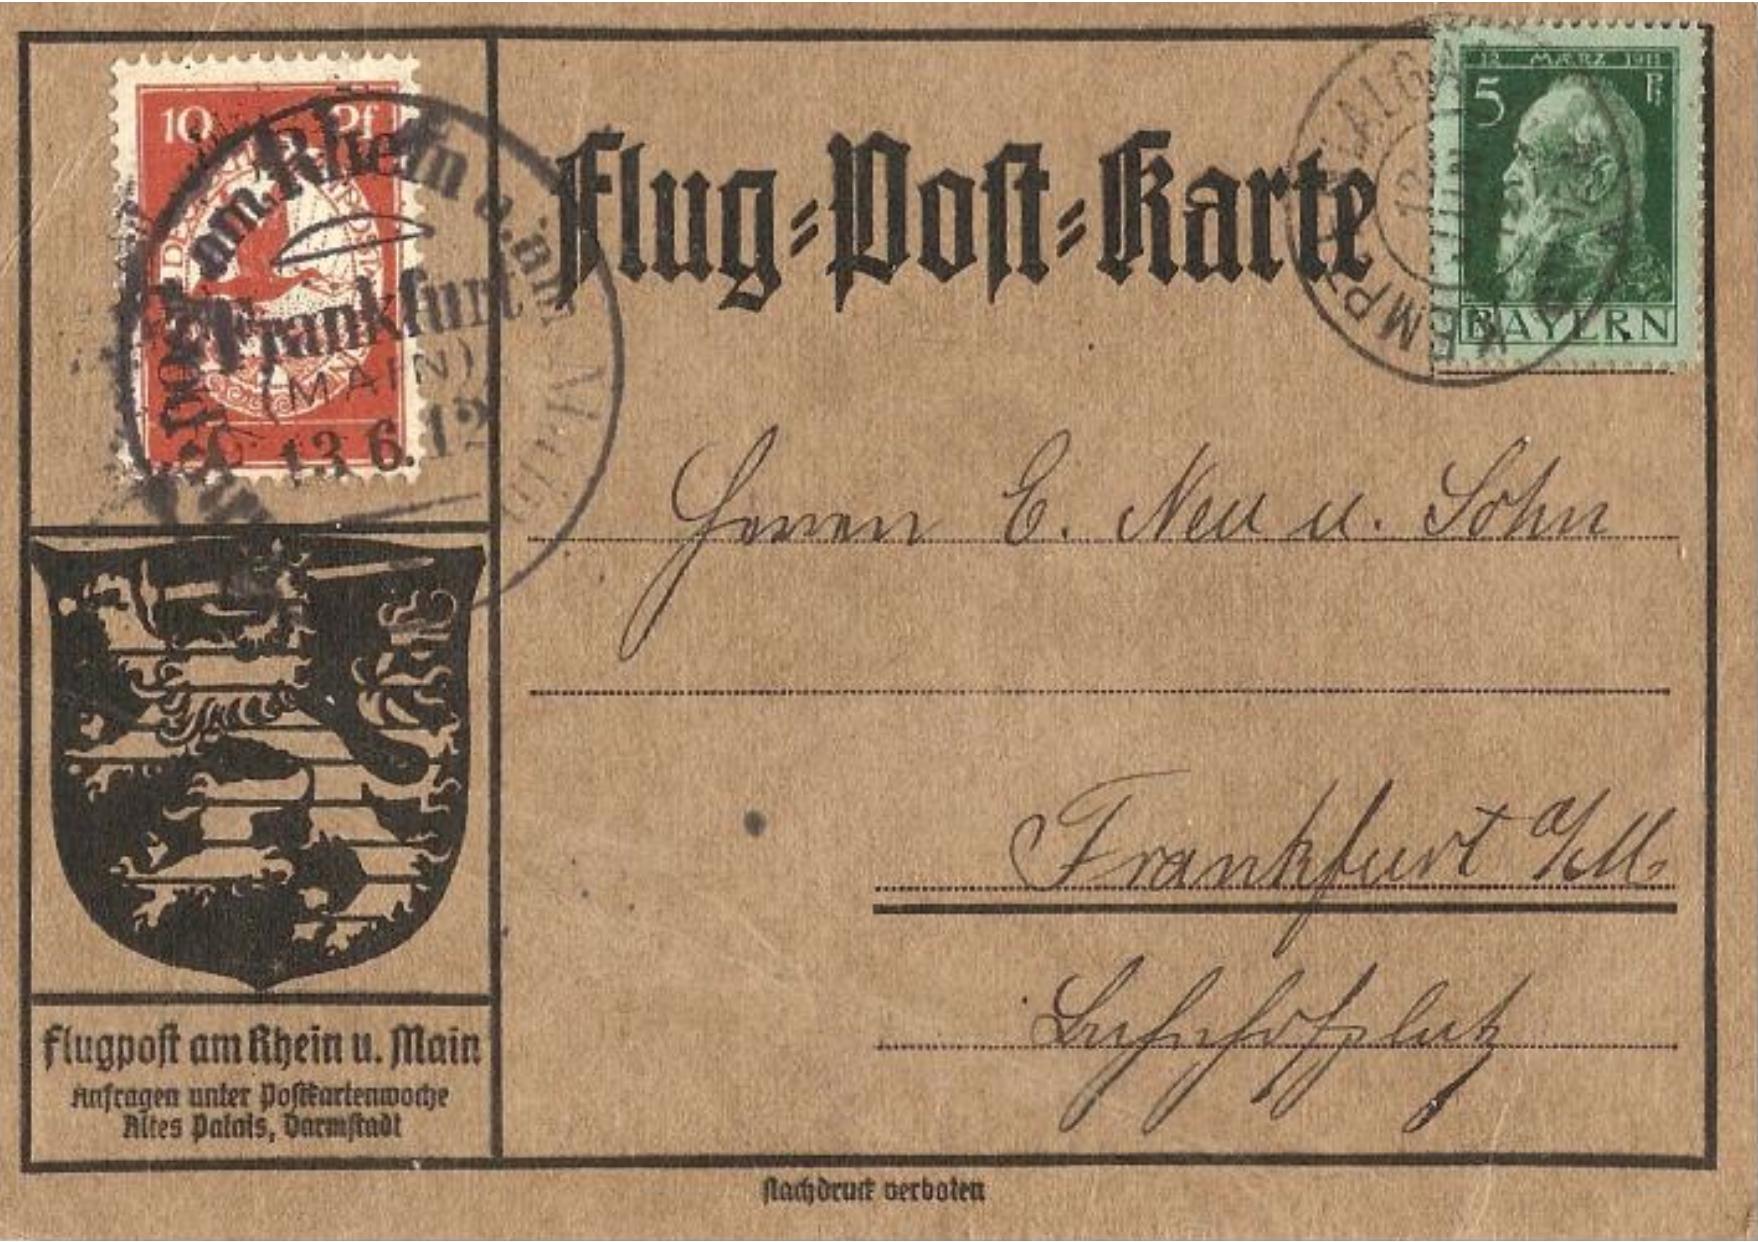 Flugpost-Karte mit Bayernmarke vom 13. Juni 1912 aus Kempten im Allgäu